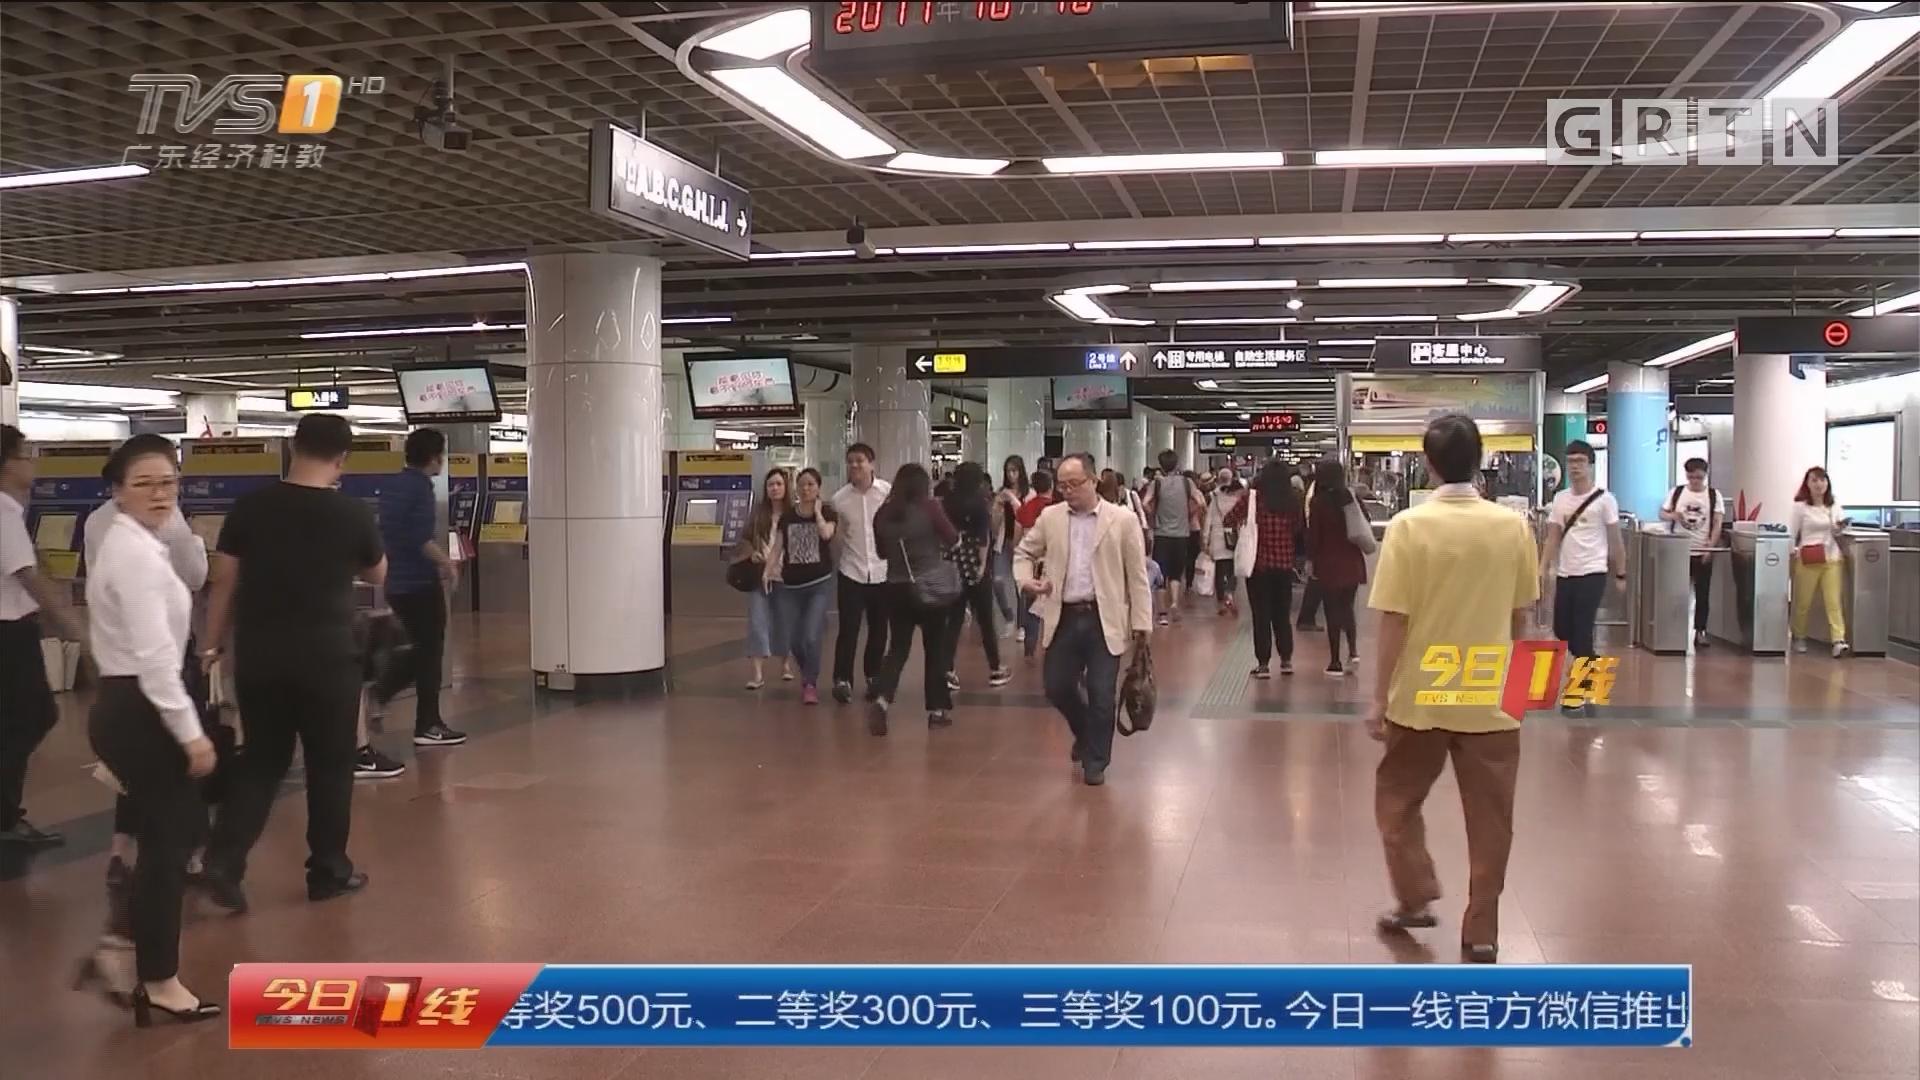 安全出行:广州地铁安检升级 治安秩序保持良好